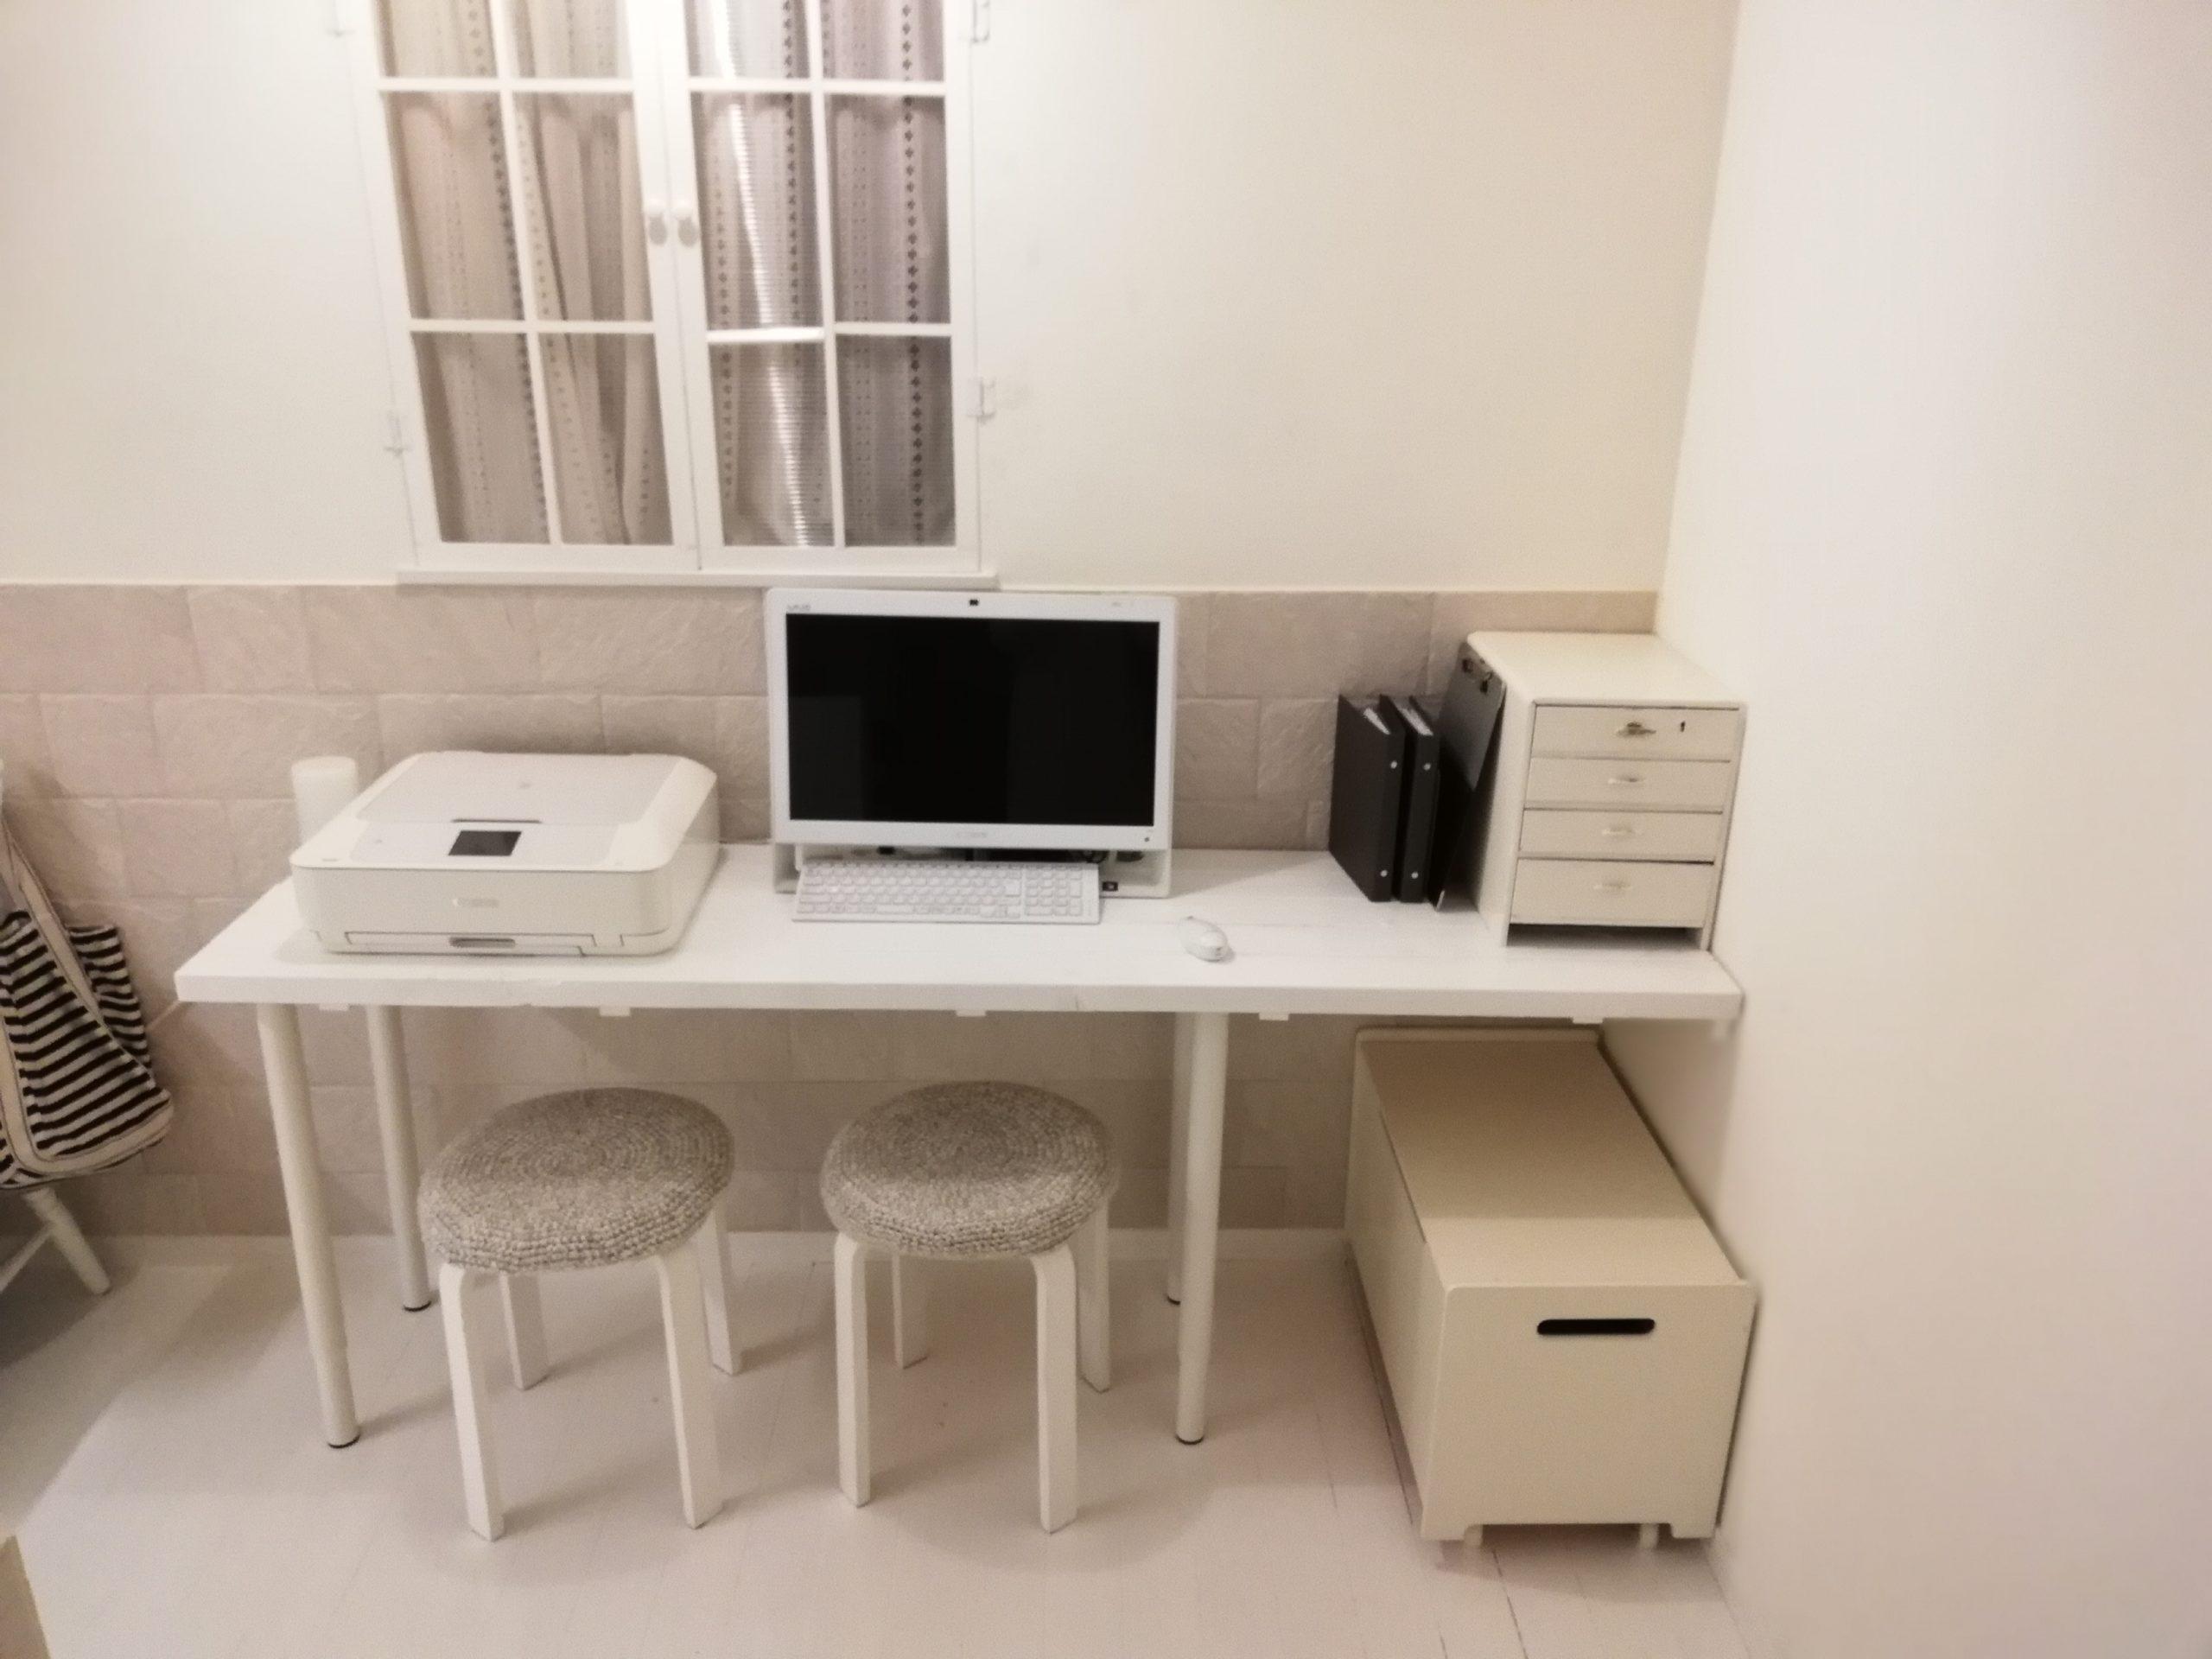 パソコンデスクをDIY♪スリムでプリンターを置いても余裕のサイズ